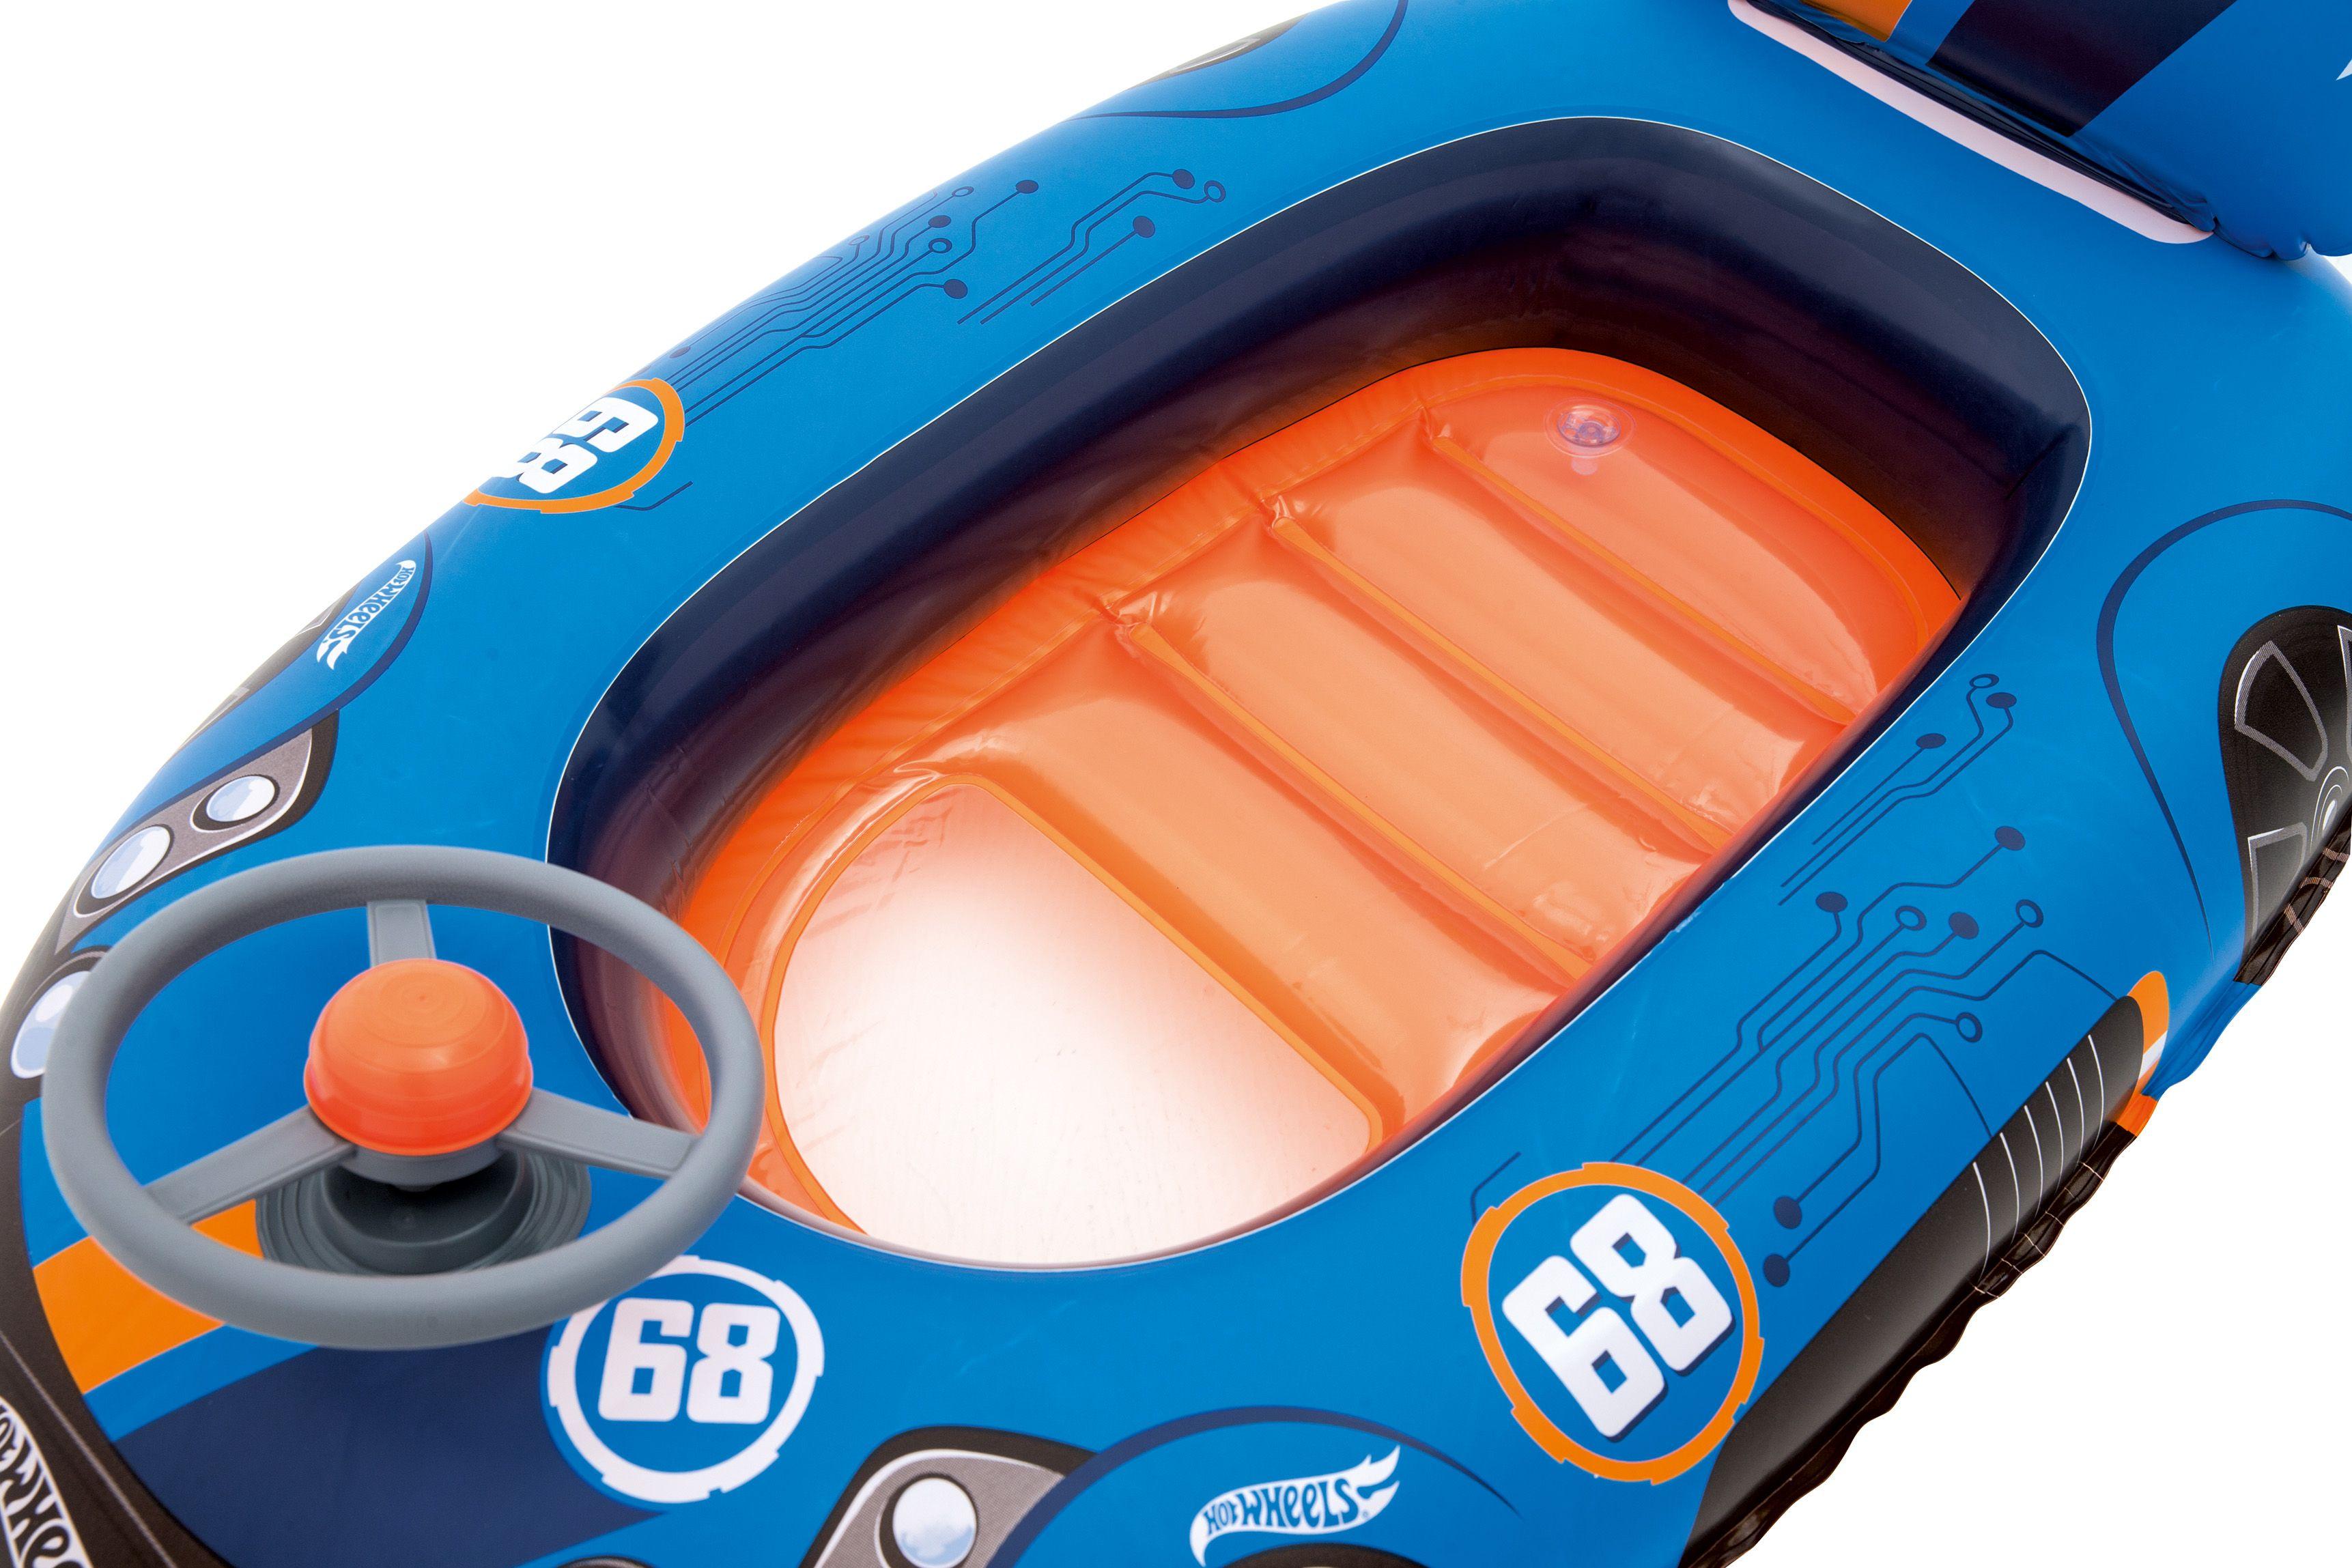 Bestway Ponton Bestway Hot Wheels 93405